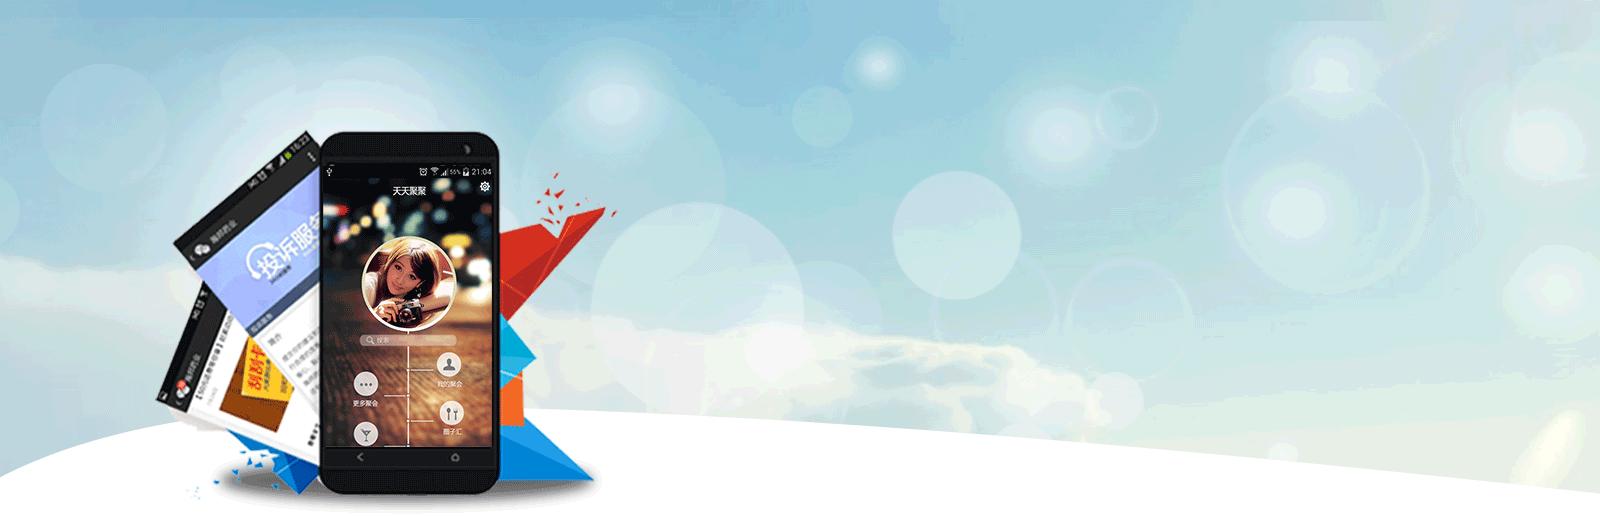 国内一流的app千赢国际娱乐老虎机公司,拥有专业的app千赢国际娱乐老虎机团队,致力于各行业的app千赢国际娱乐老虎机,联系电话:4000-069-940